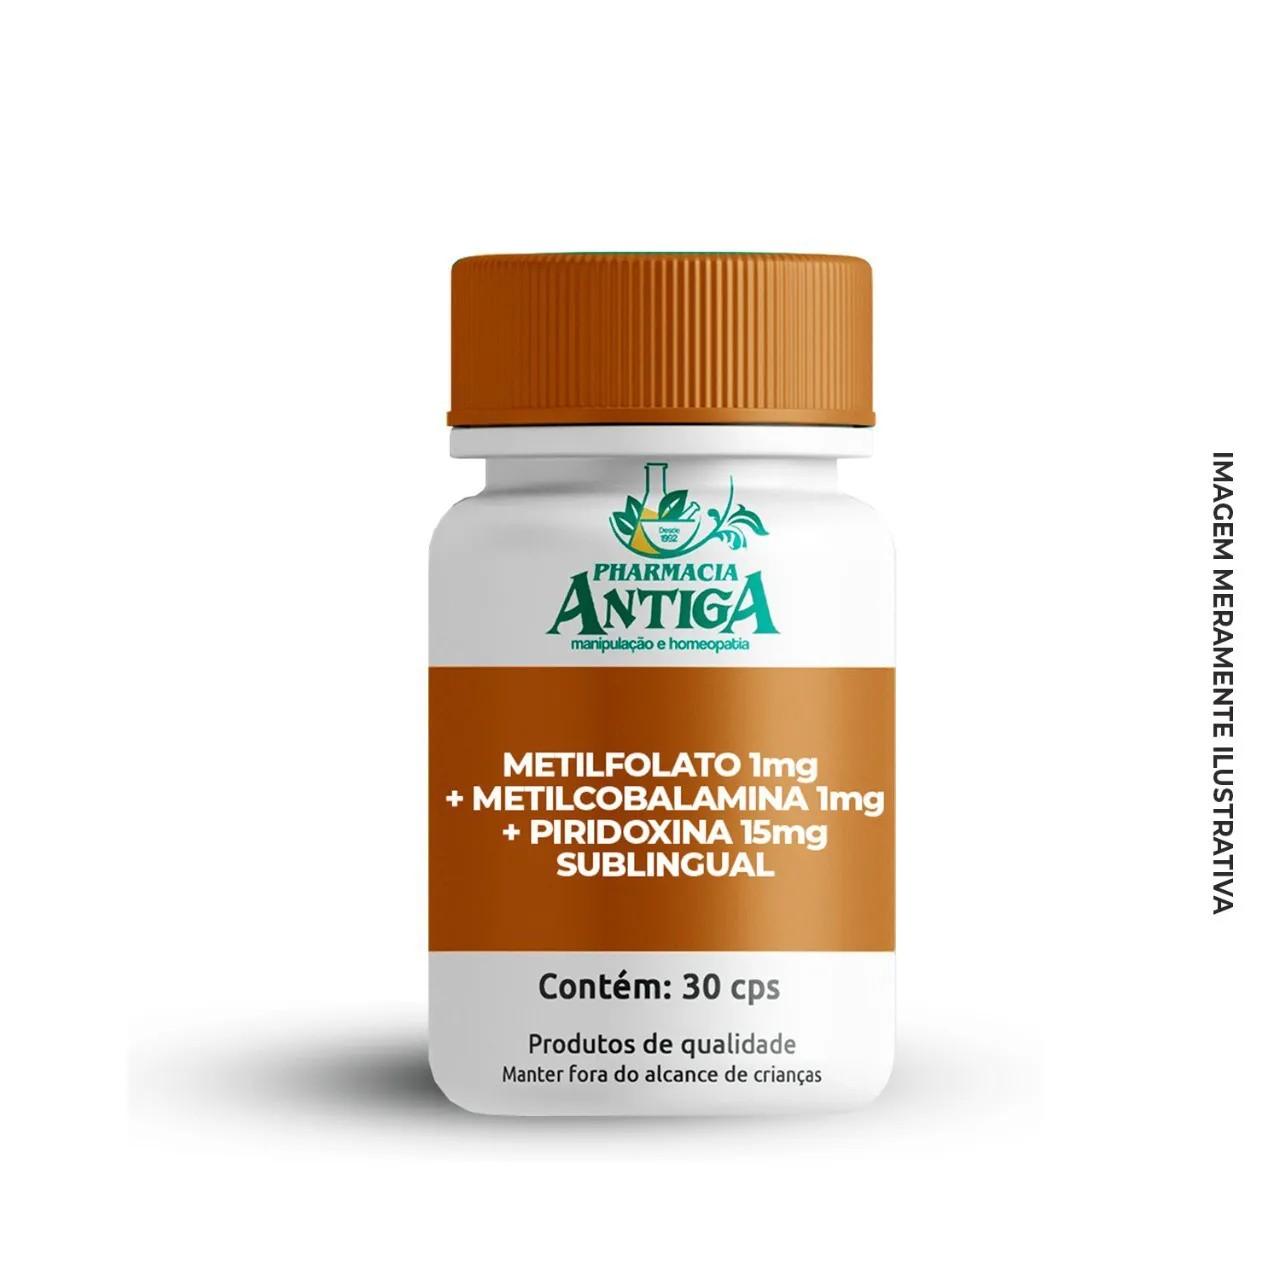 METILFOLATO 1MG + METILCOBALAMINA 1MG + PIRIDOXINA 15MG SUBLINGUAL - 30cps